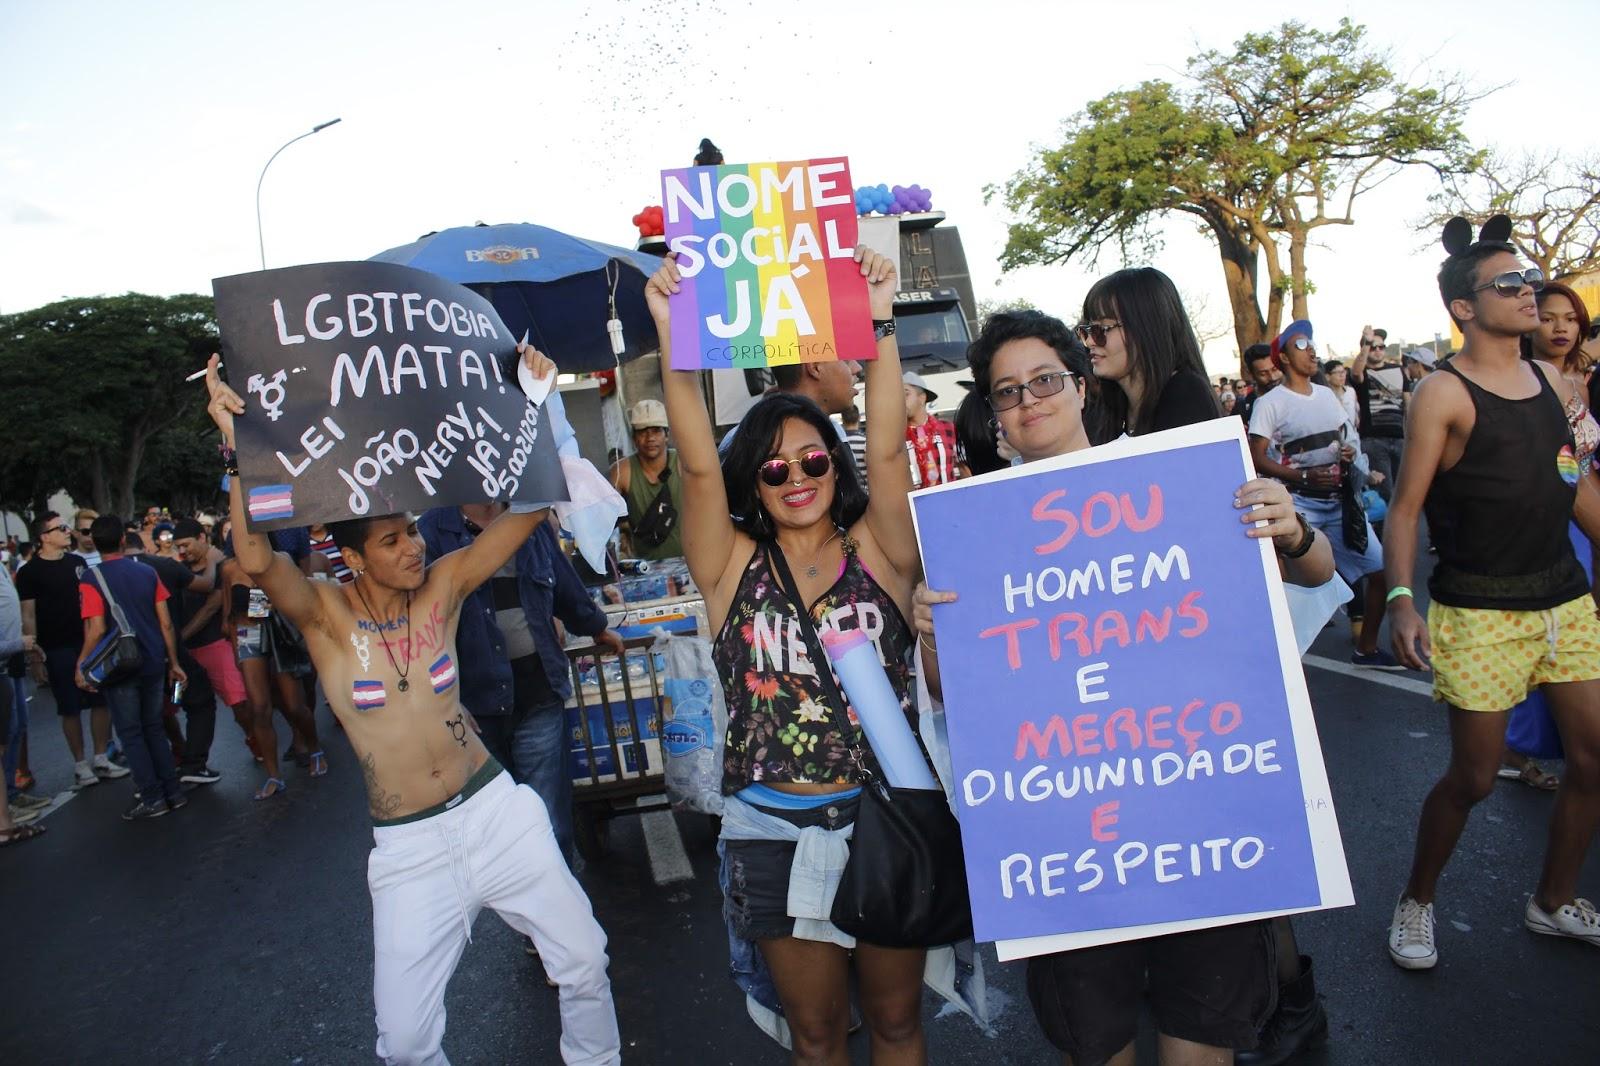 Travestis e transexuais são maioria entre LGBTs a denunciar crimes no DF, diz pesquisa